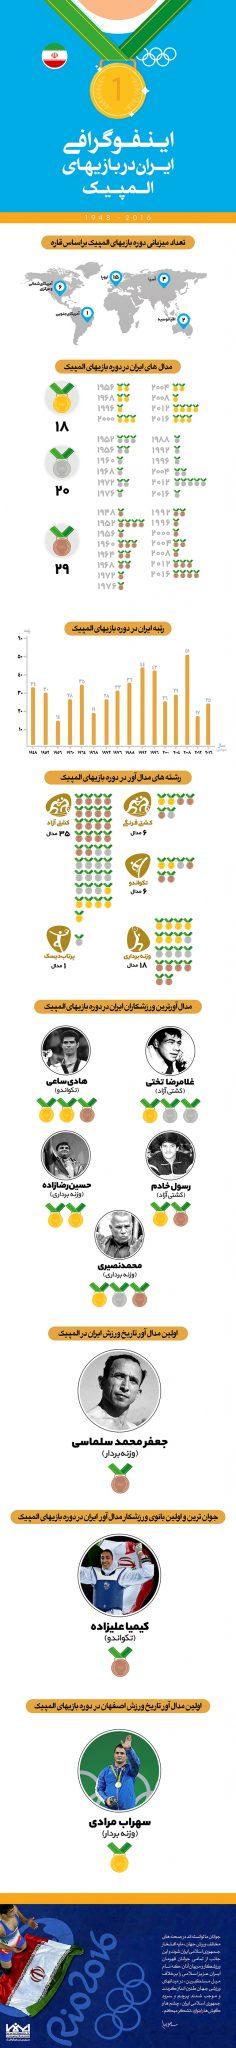 اینفوگرافیک ایران در بازیهای المپیک